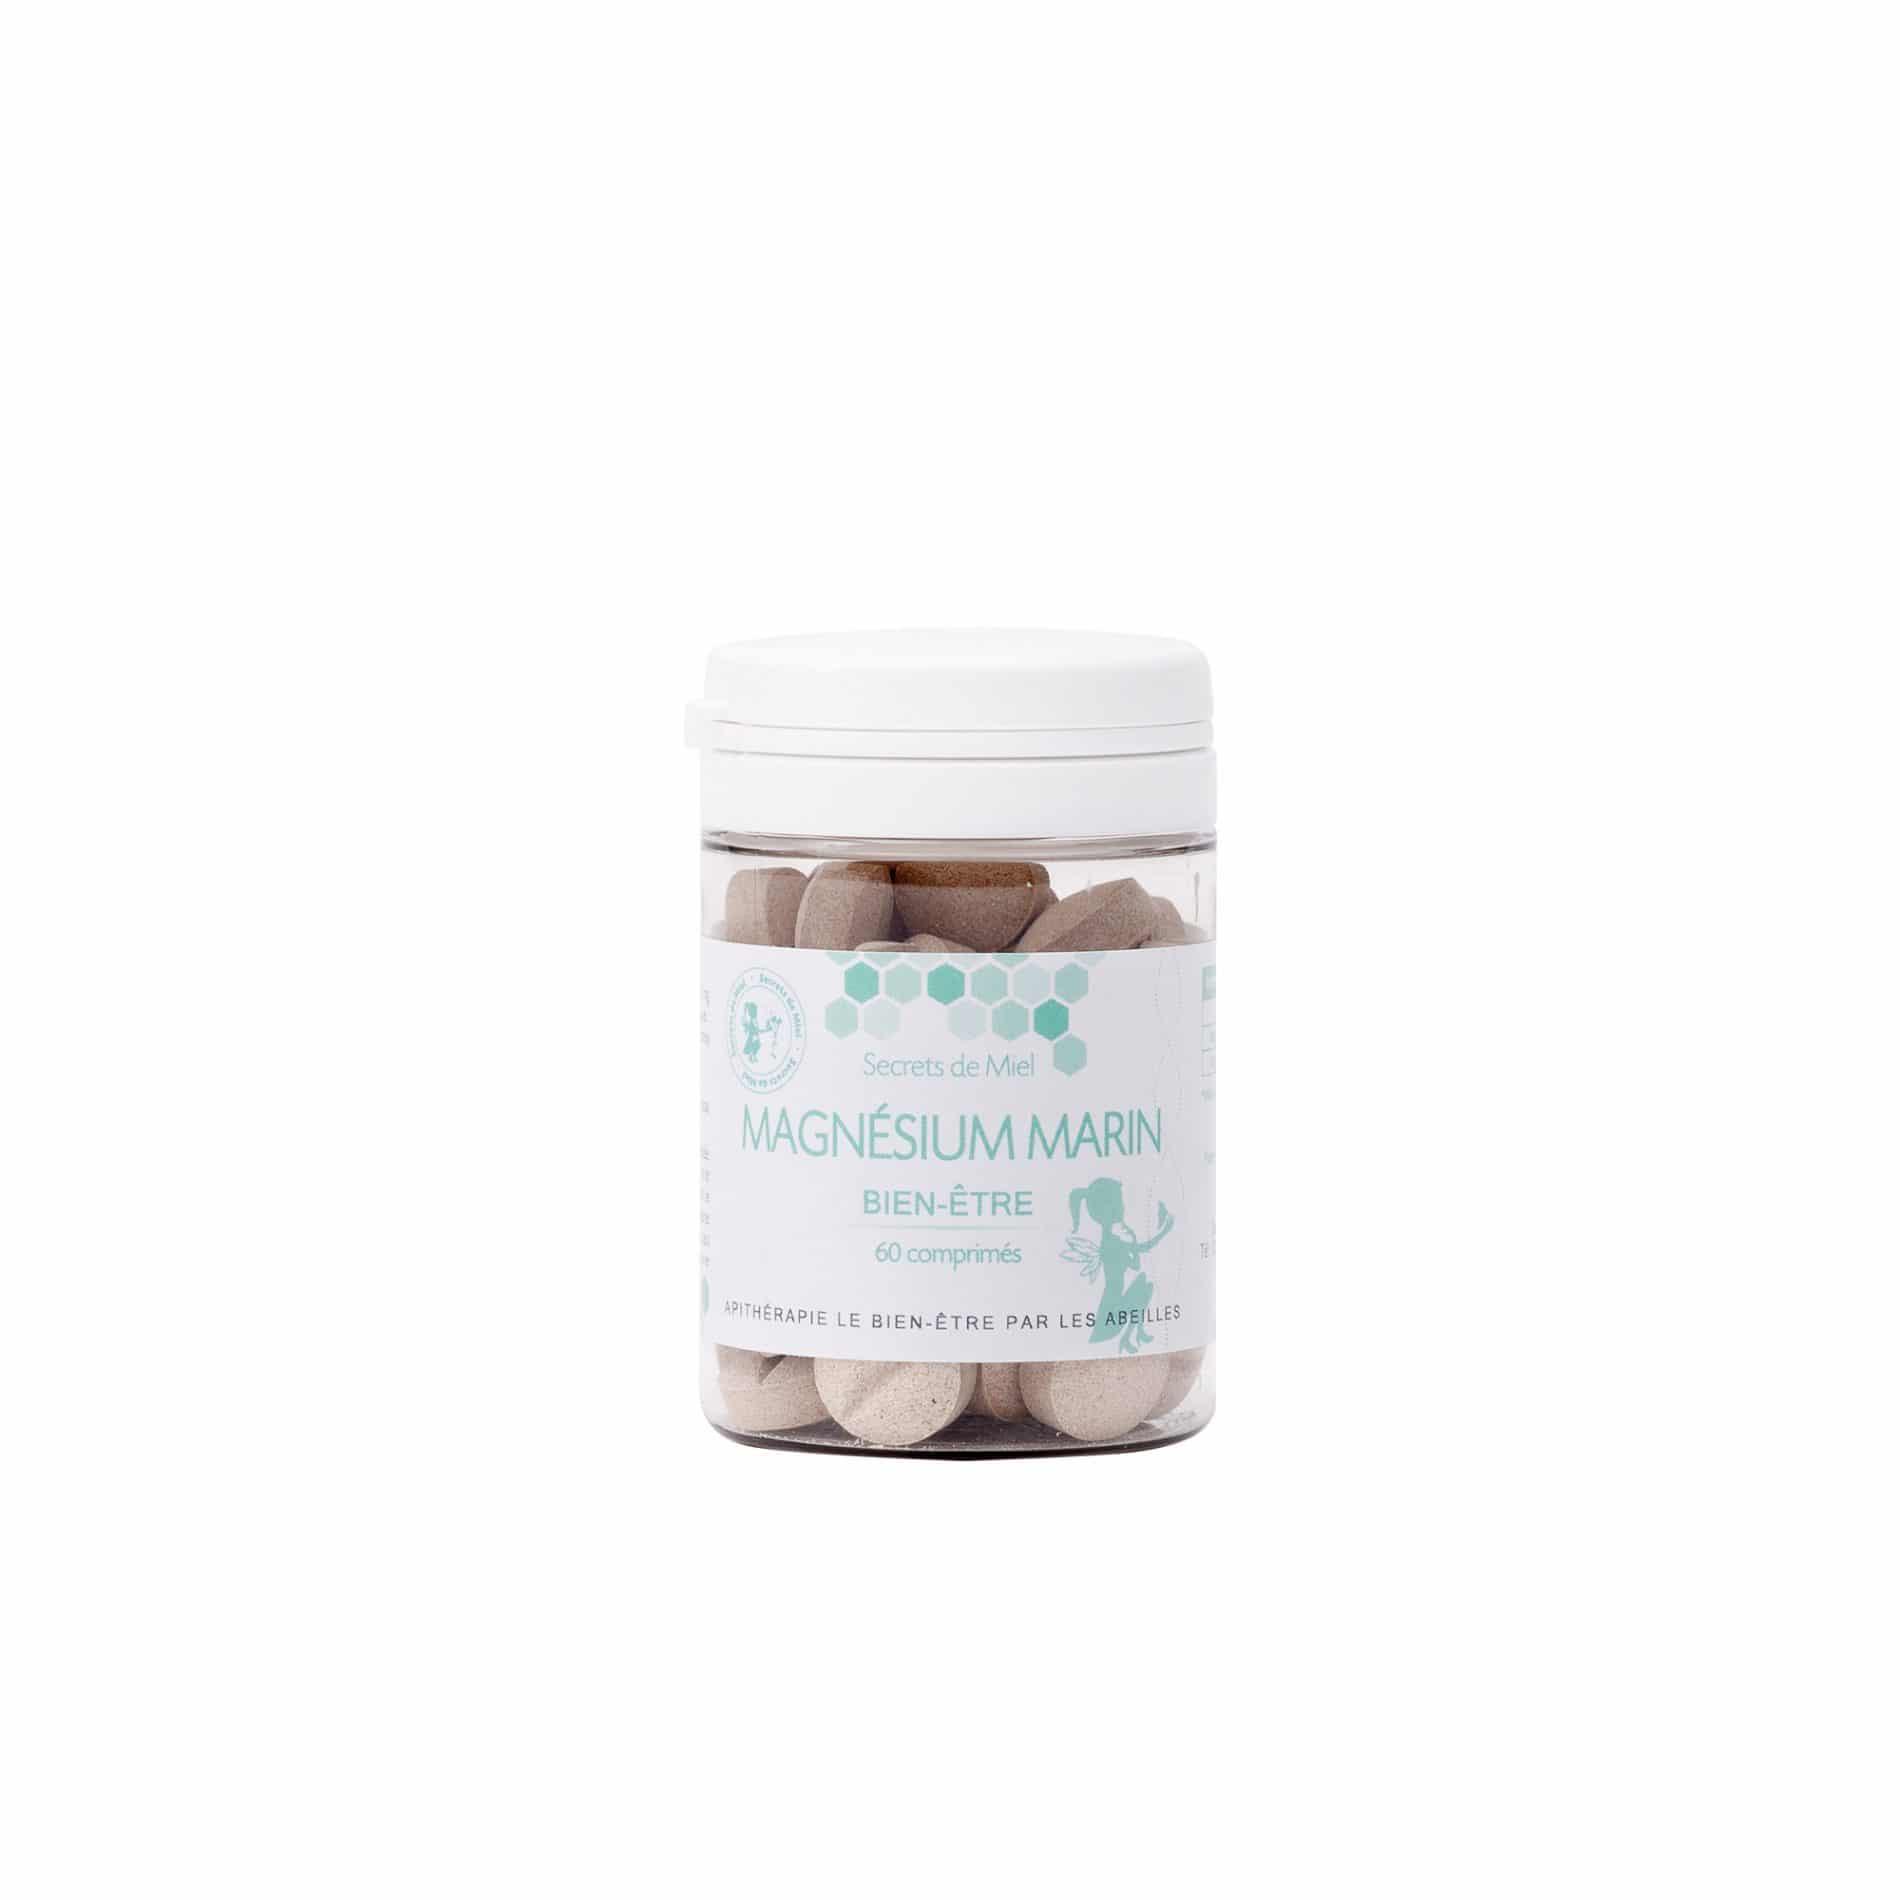 Magnésium marin - Stress - bon sommeil - calme - appaise - bon pour le corps - produit naturel - Secrets de Miel